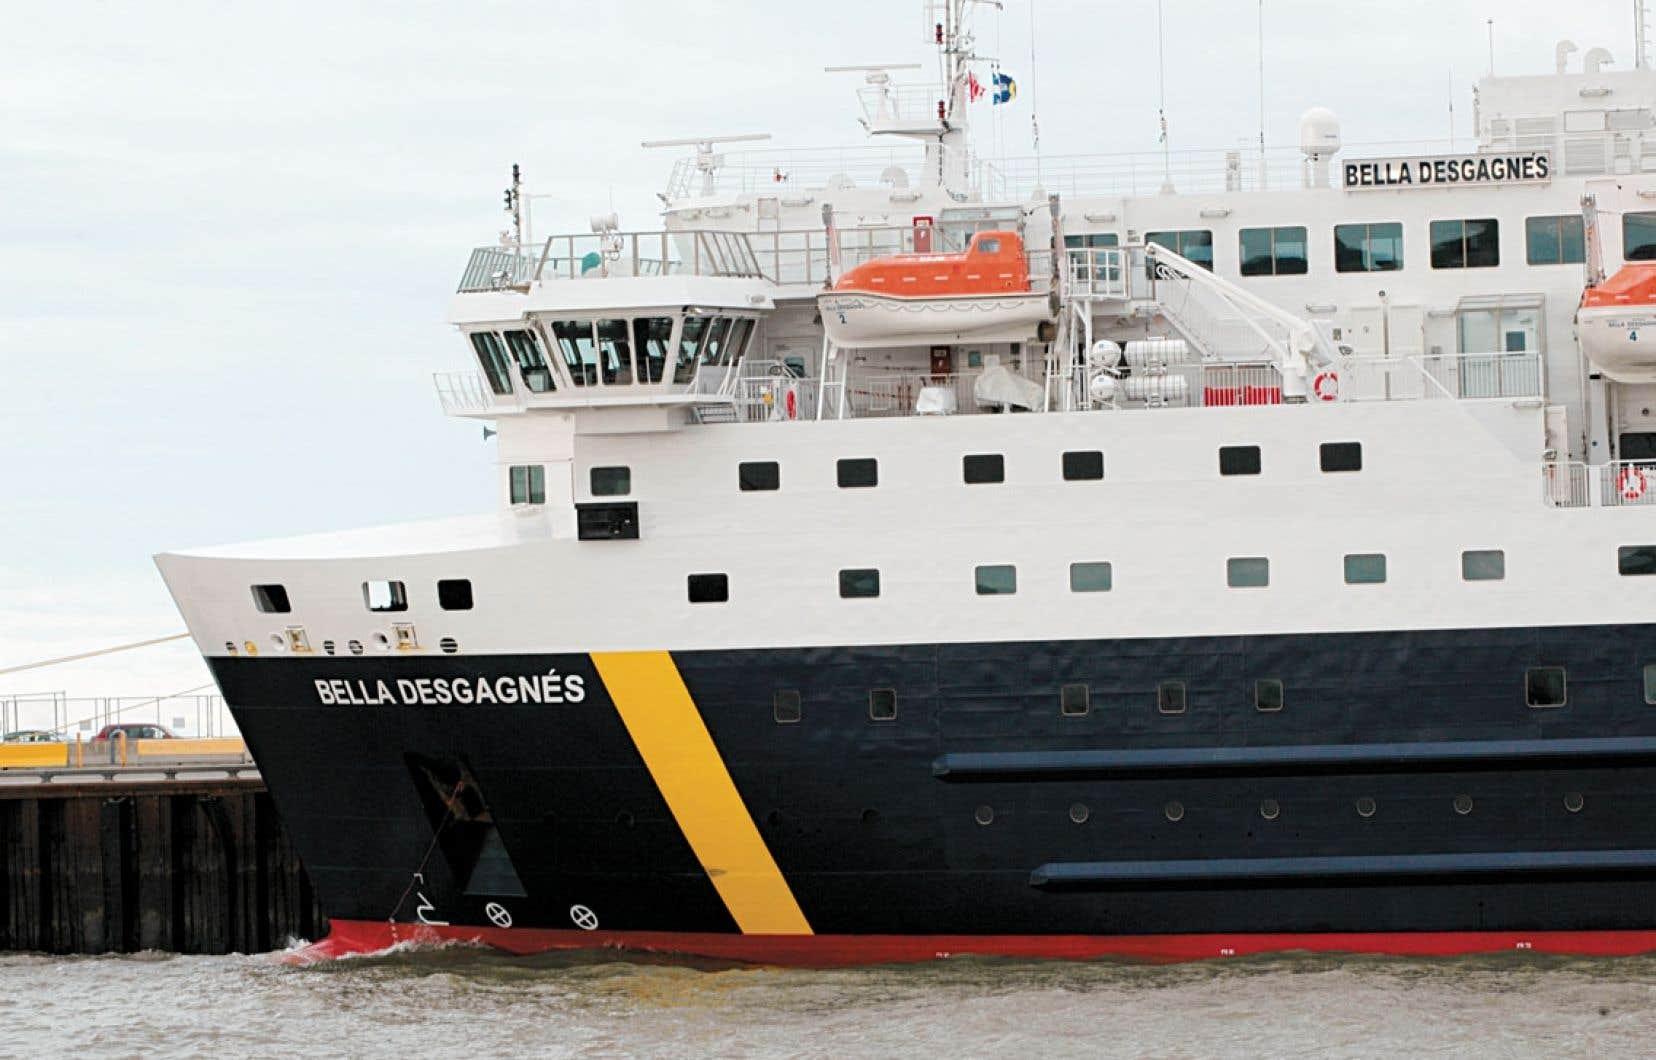 Conçu en Croatie et parachevé en Italie, le Bella Desgagnés est doté des plus récents équipements de navigation.